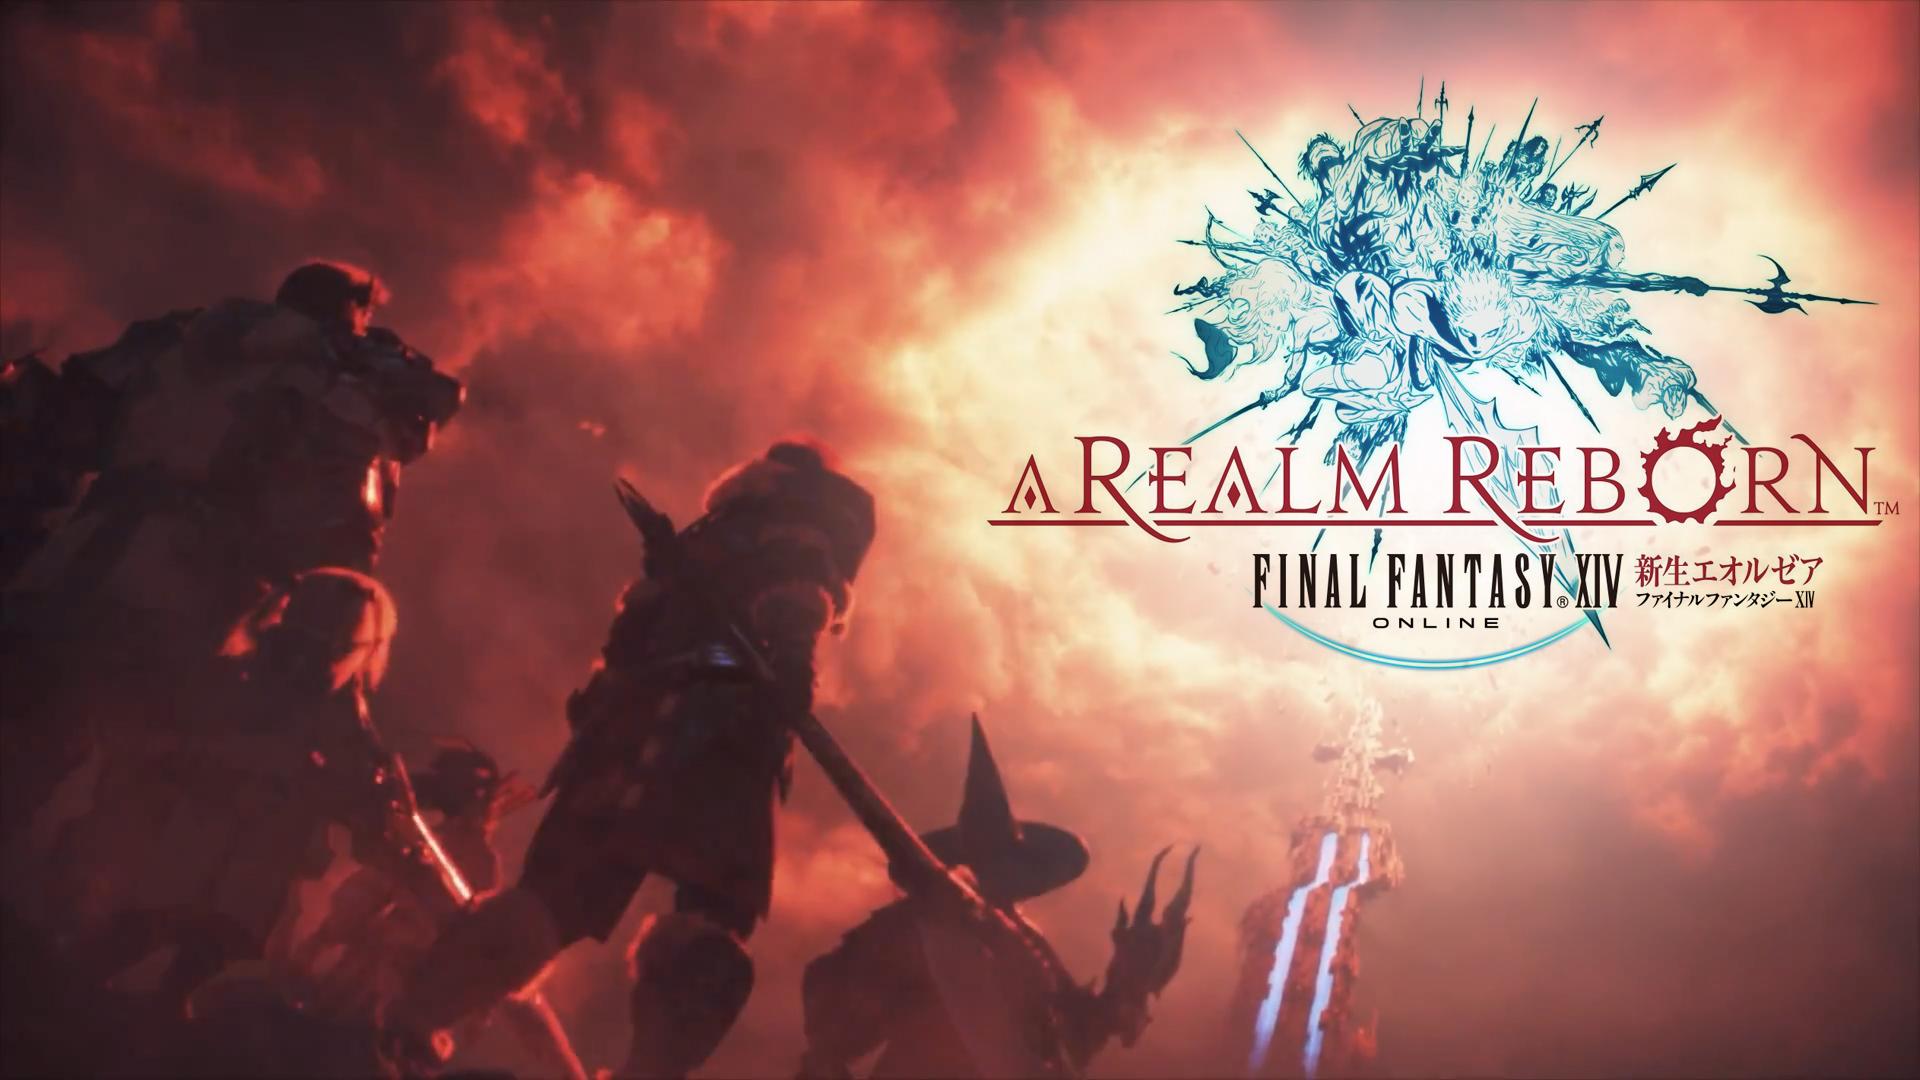 Final Fantasy Xiv A Realm Reborn Fantasy Art Wallpapers: Final Fantasy XIV ARR Wallpaper By AlboQuest On DeviantArt